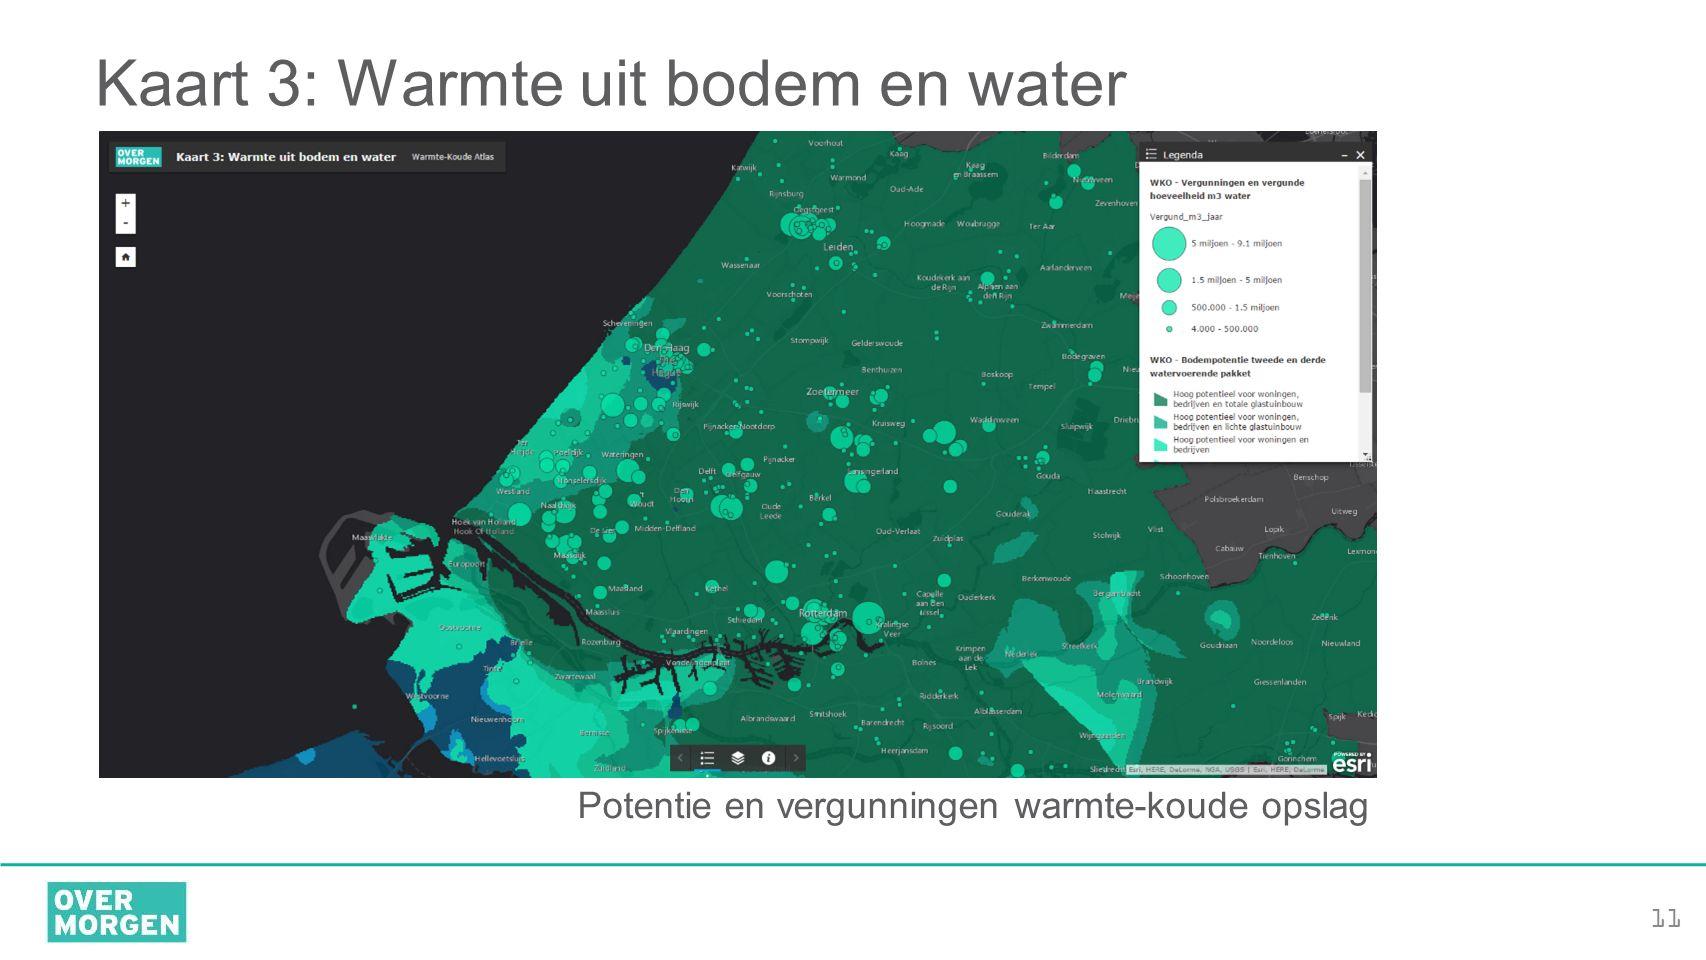 Kaart 3: Warmte uit bodem en water